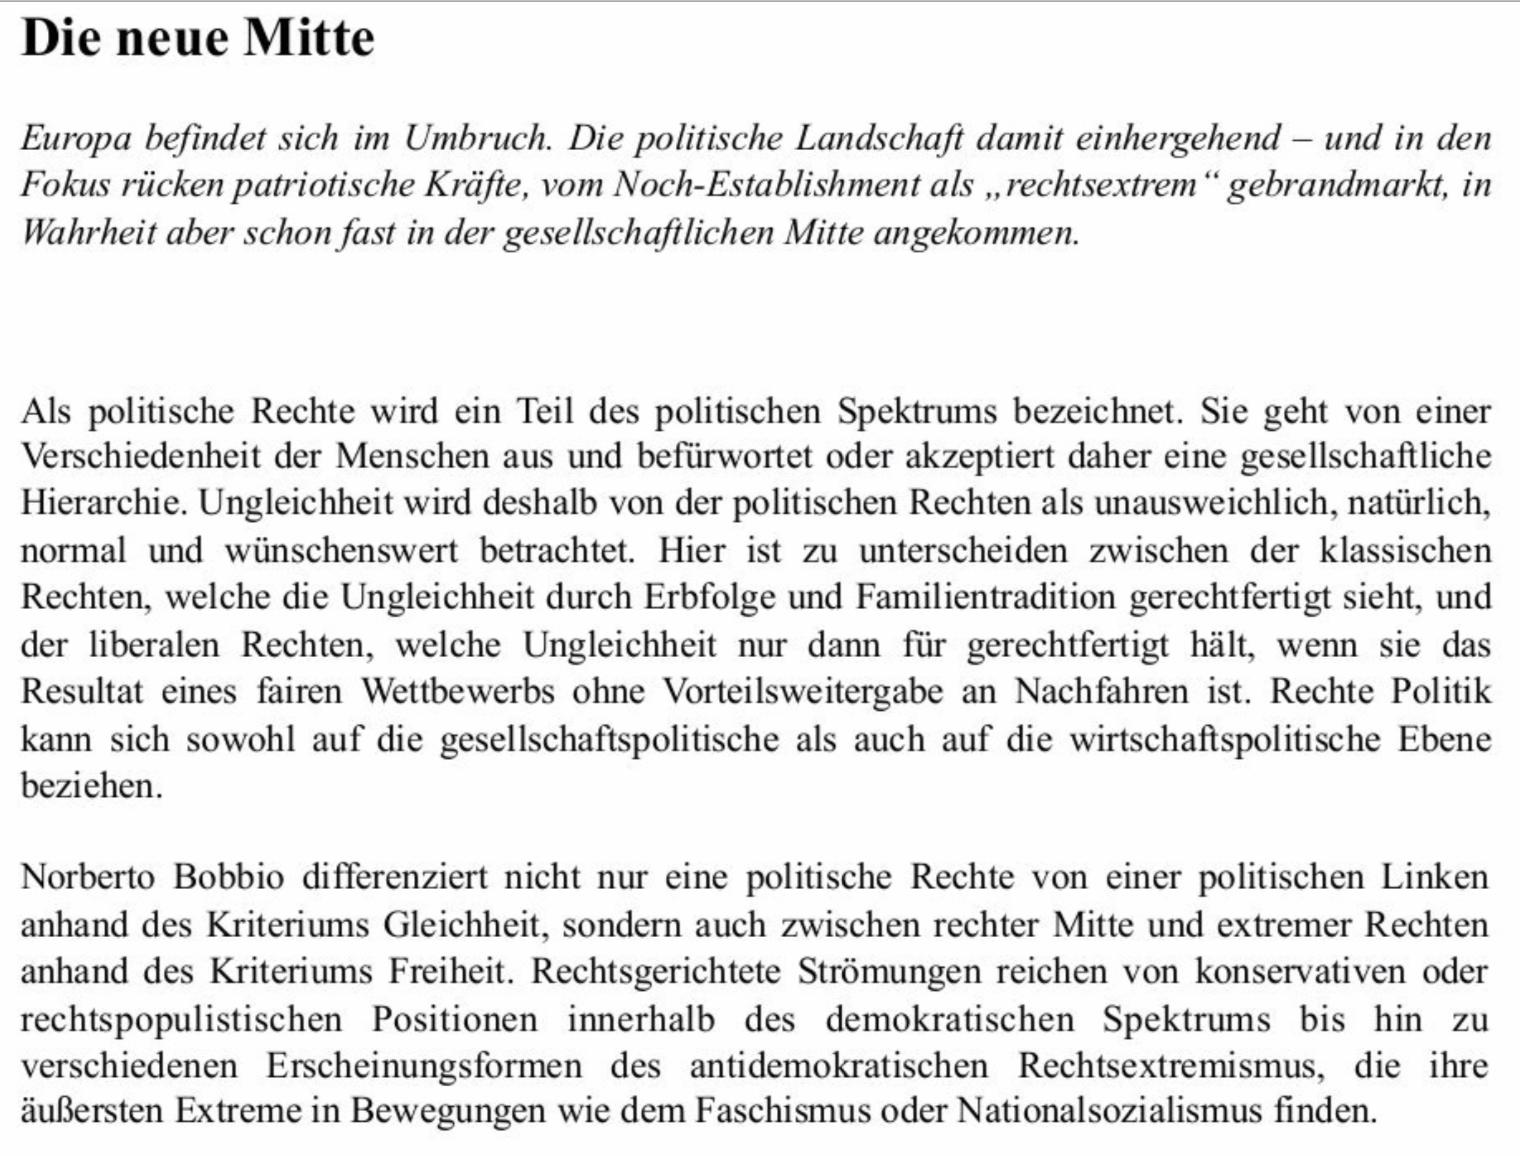 """K3-""""Studie"""" zu """"Die neue Mitte"""" – kopiert aus Wikipedia"""